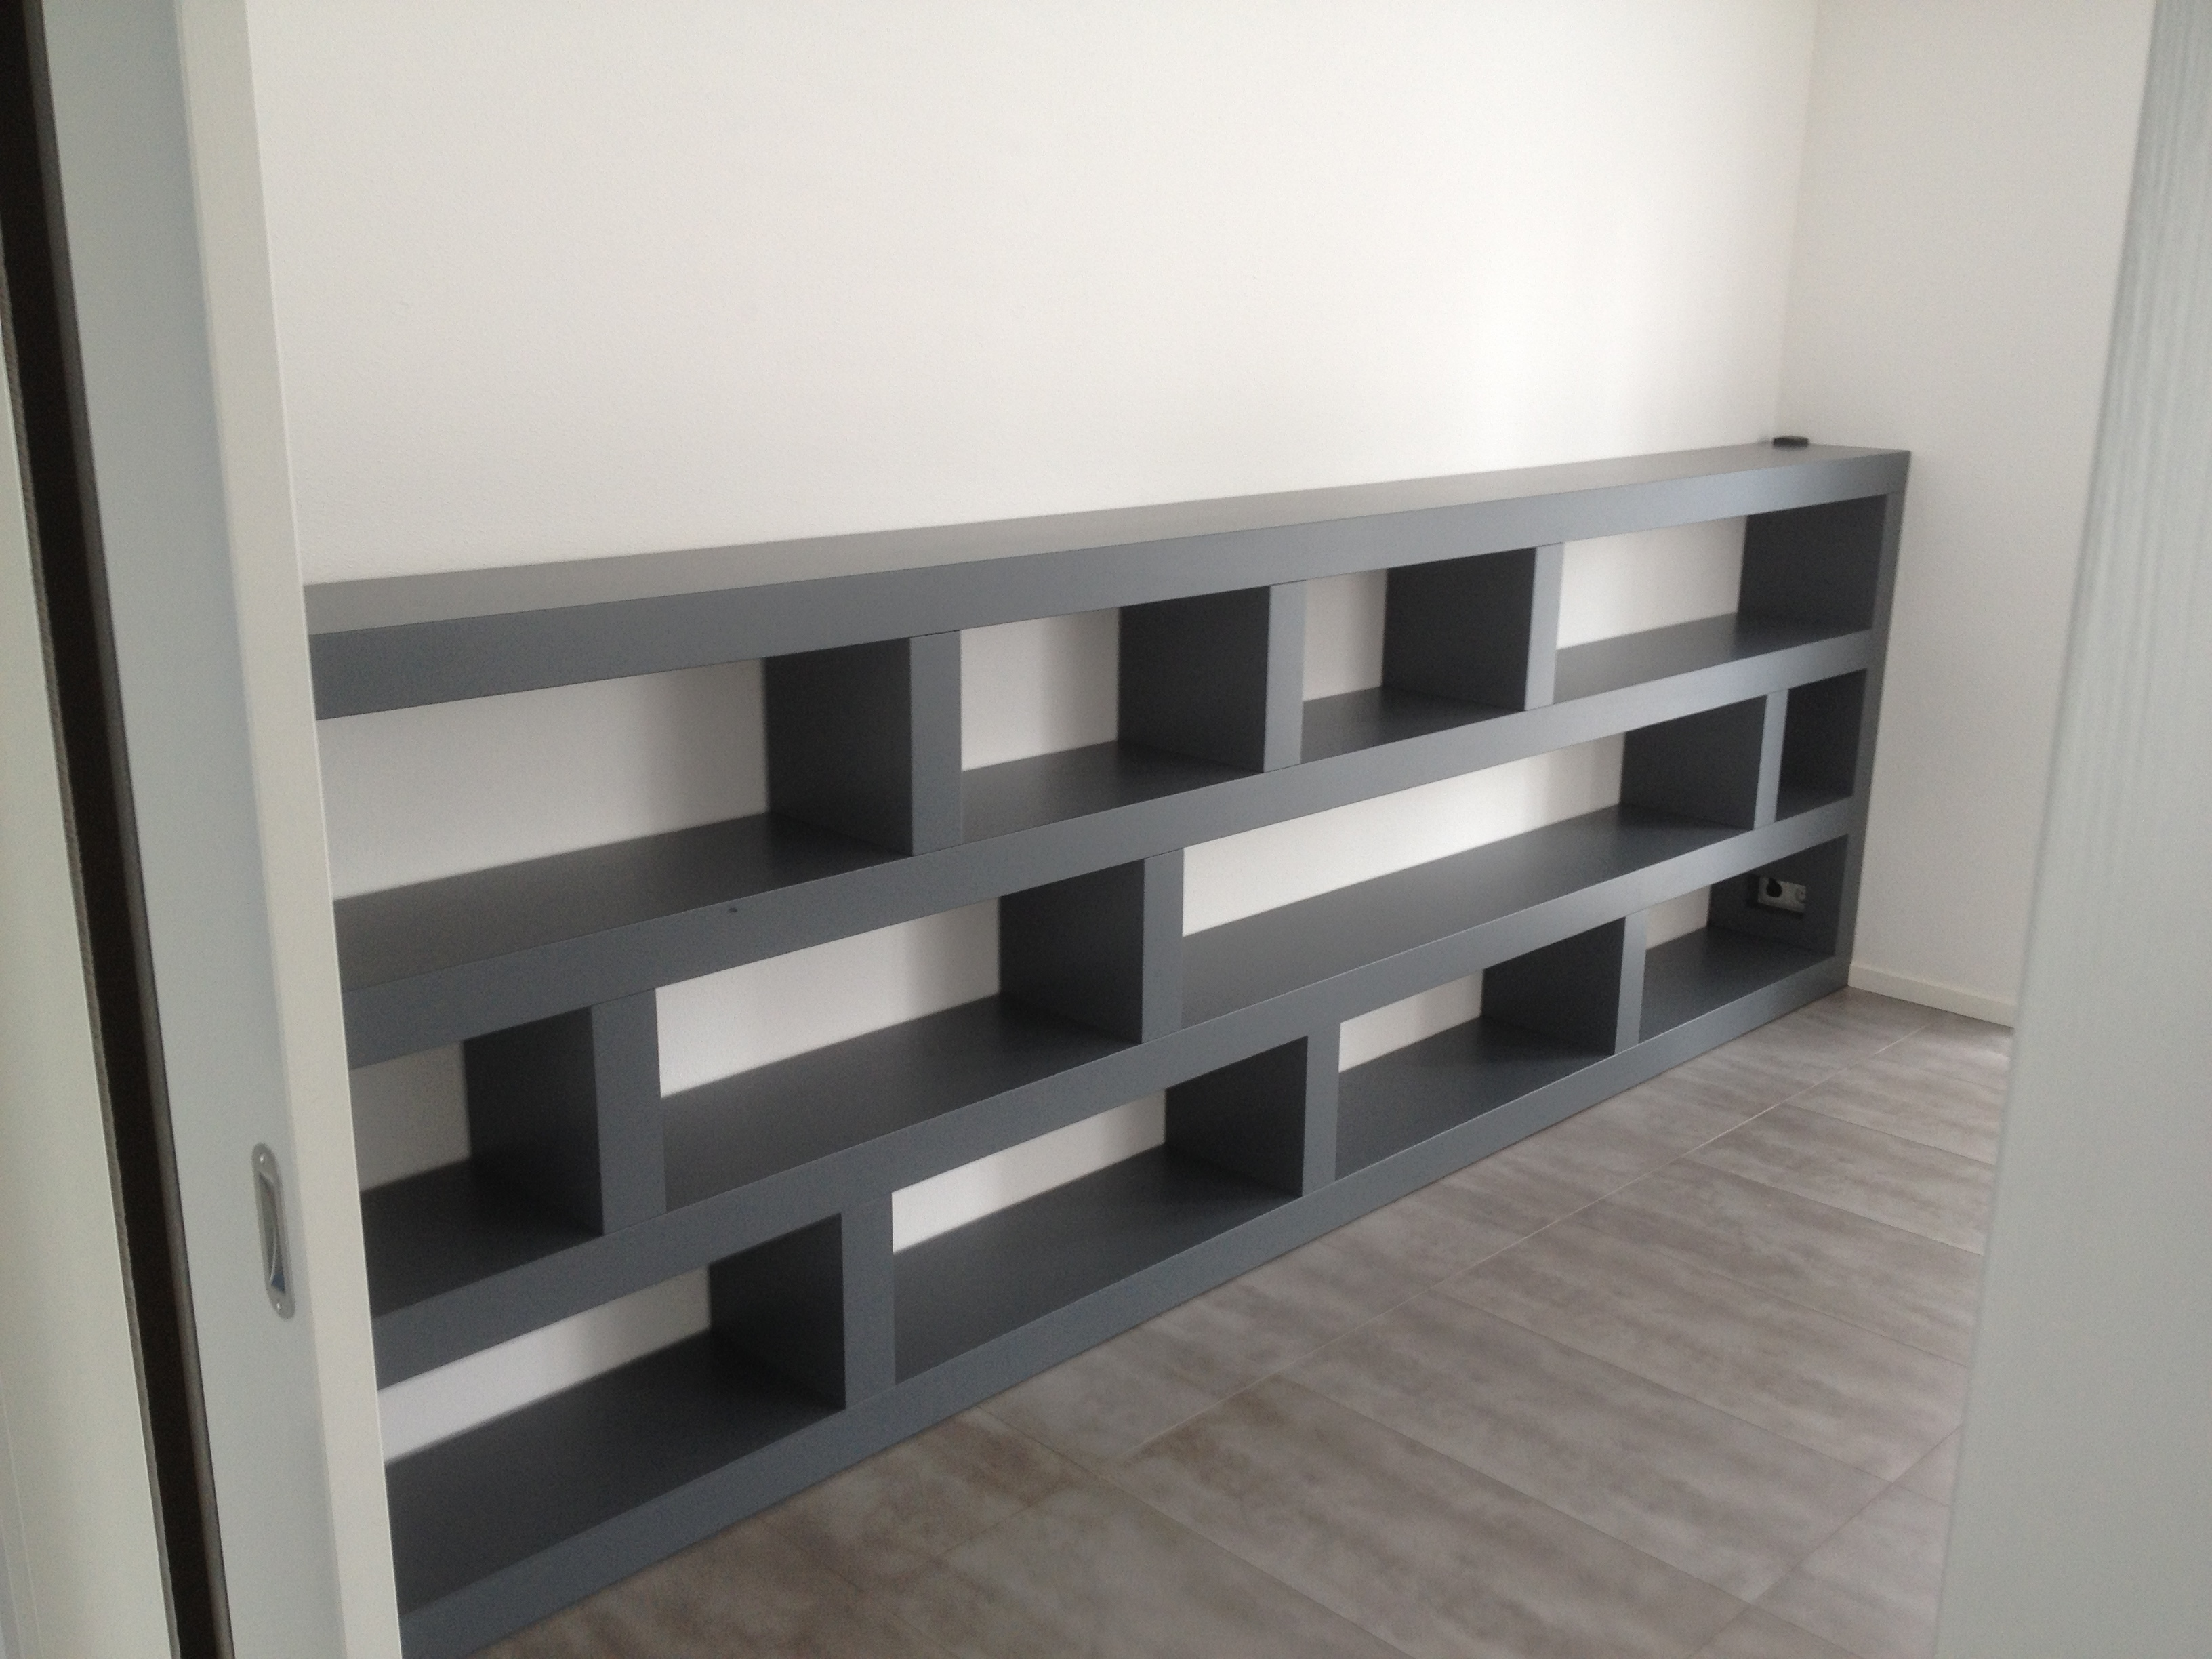 https://www.meubelmakerijmark.nl/wp-content/uploads/2016/10/Meubelmakerij-Mark-boekenkast-4-meter2.jpg